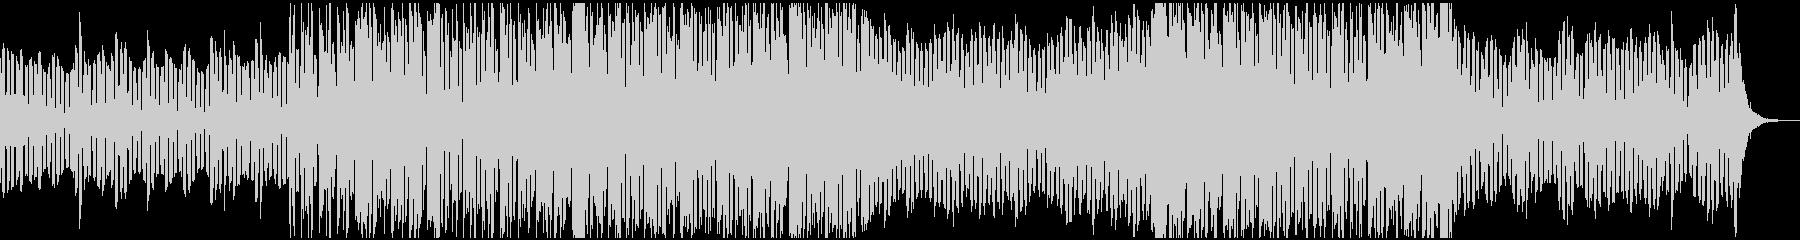 空間的、幻想的なチルヒップホップBGMの未再生の波形